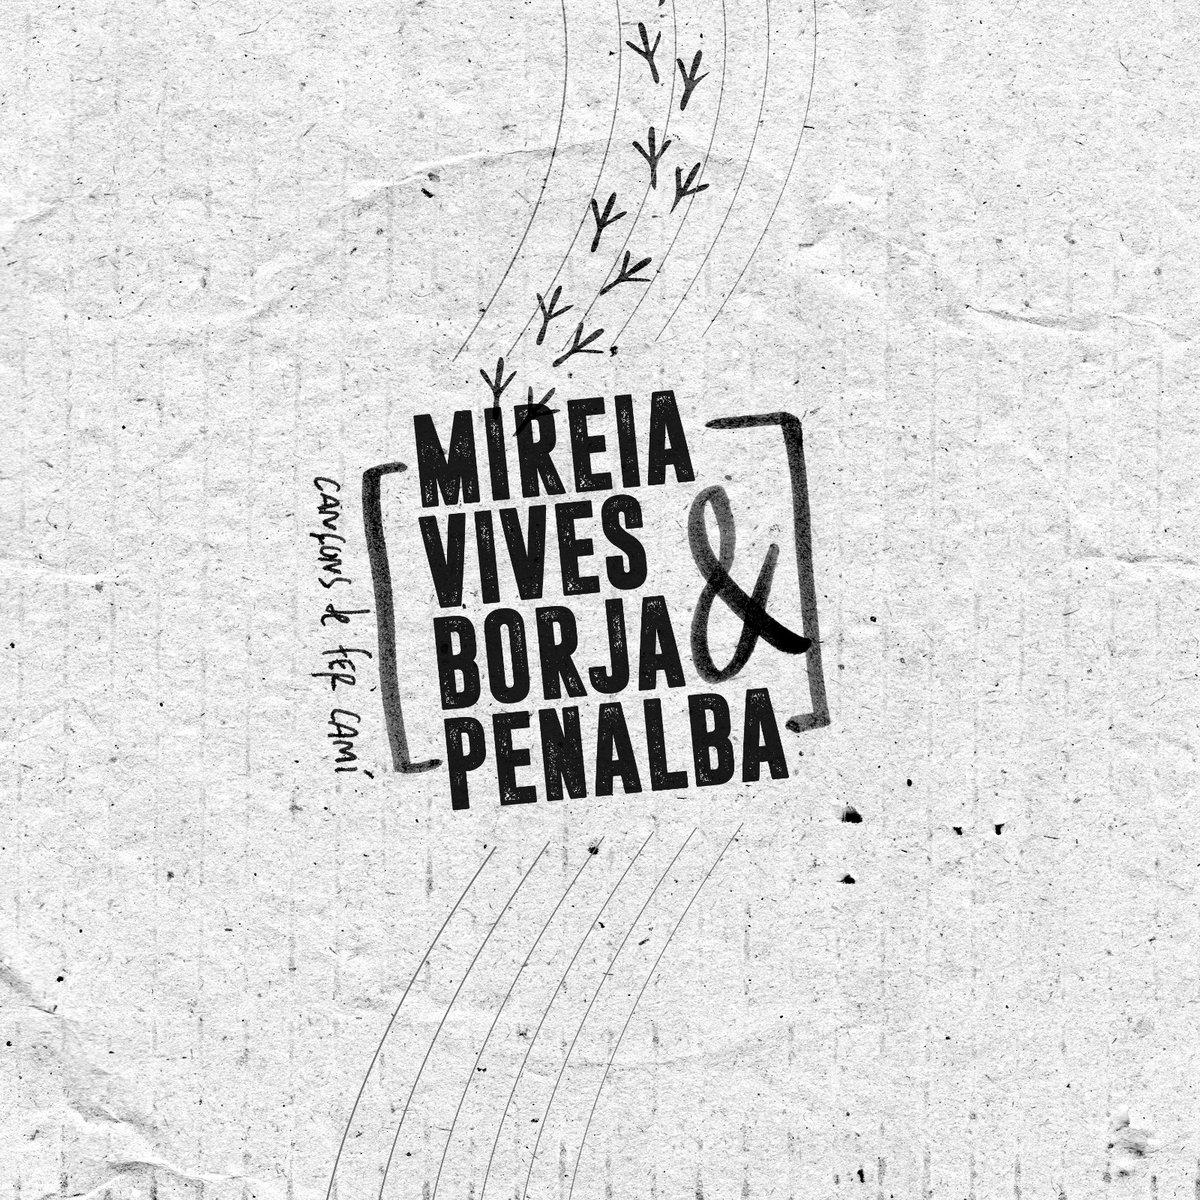 Mireia Vives i Borja Penalba són una coalició artística guanyadora